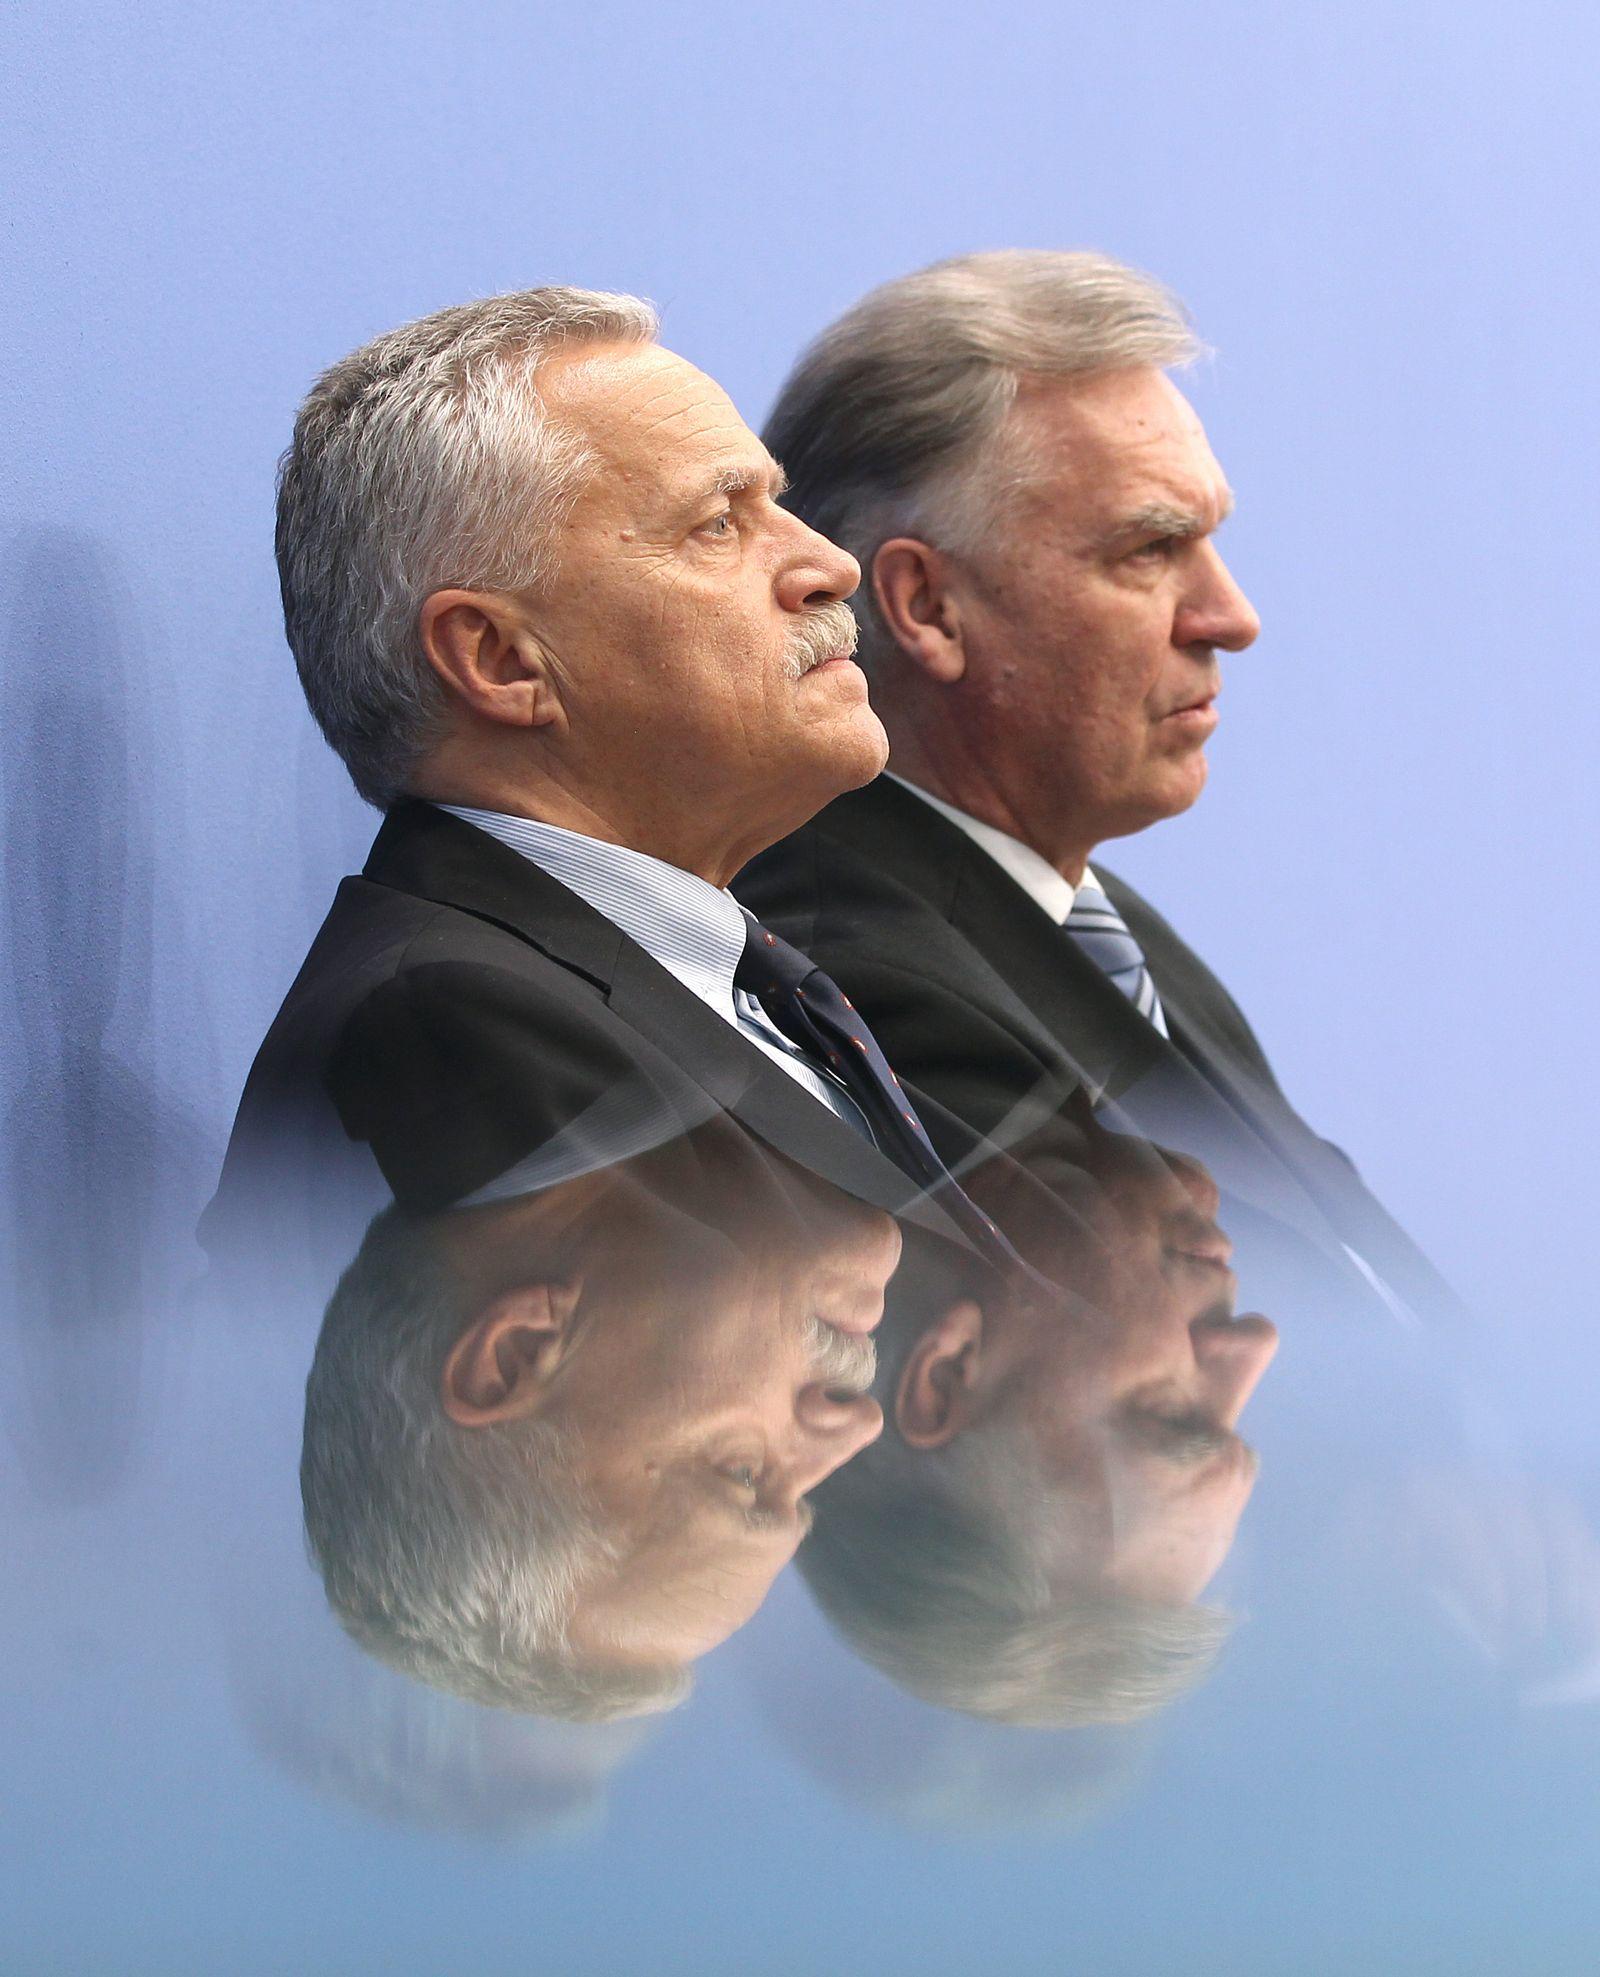 Jörg Ziercke und Heinz Fromm Untersuchungsausschuss